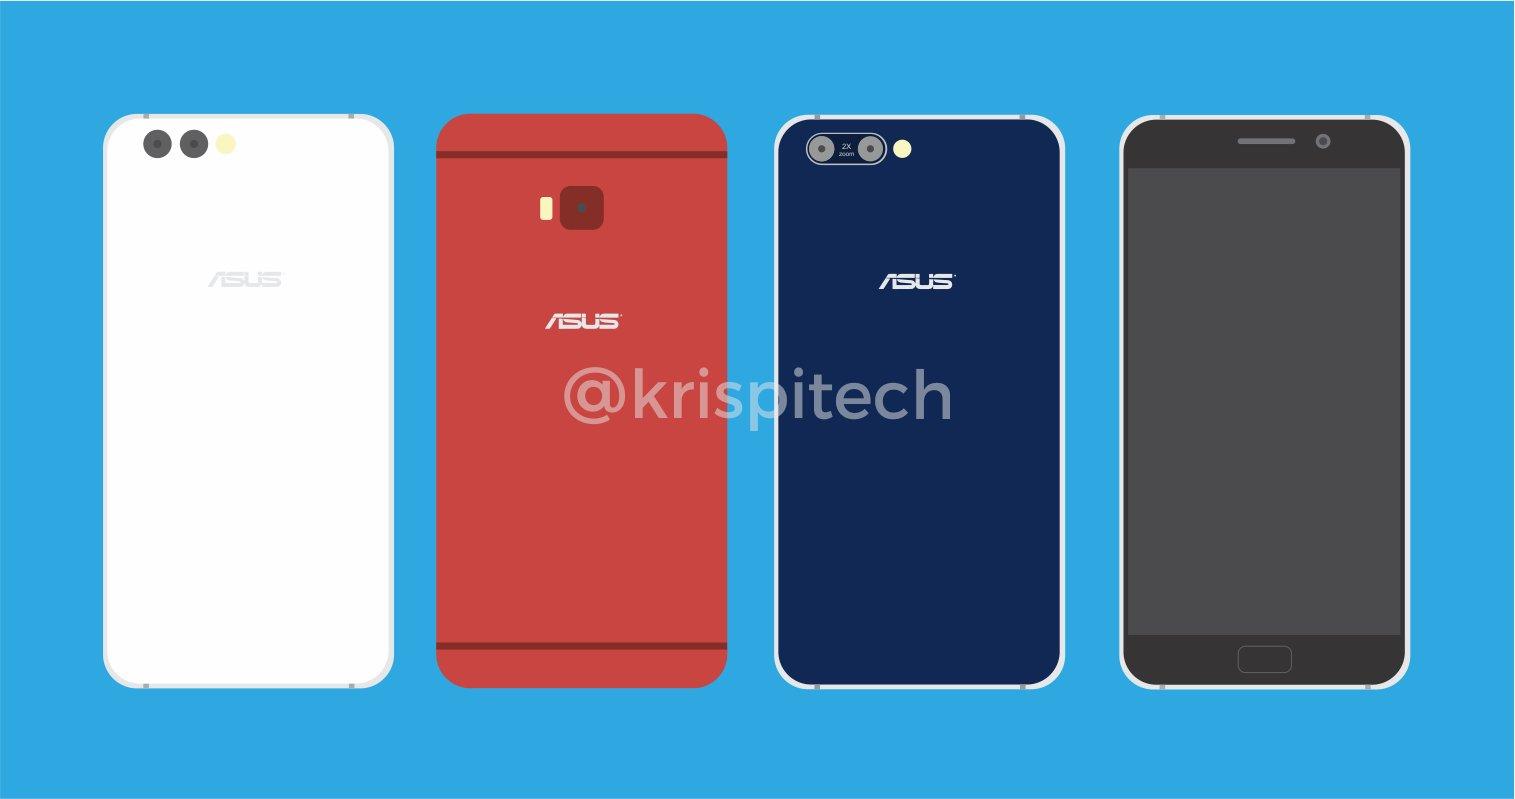 This is the Asus Zenfone 4 Trio + Zenfone 4 Pro Hands-On Shots 1